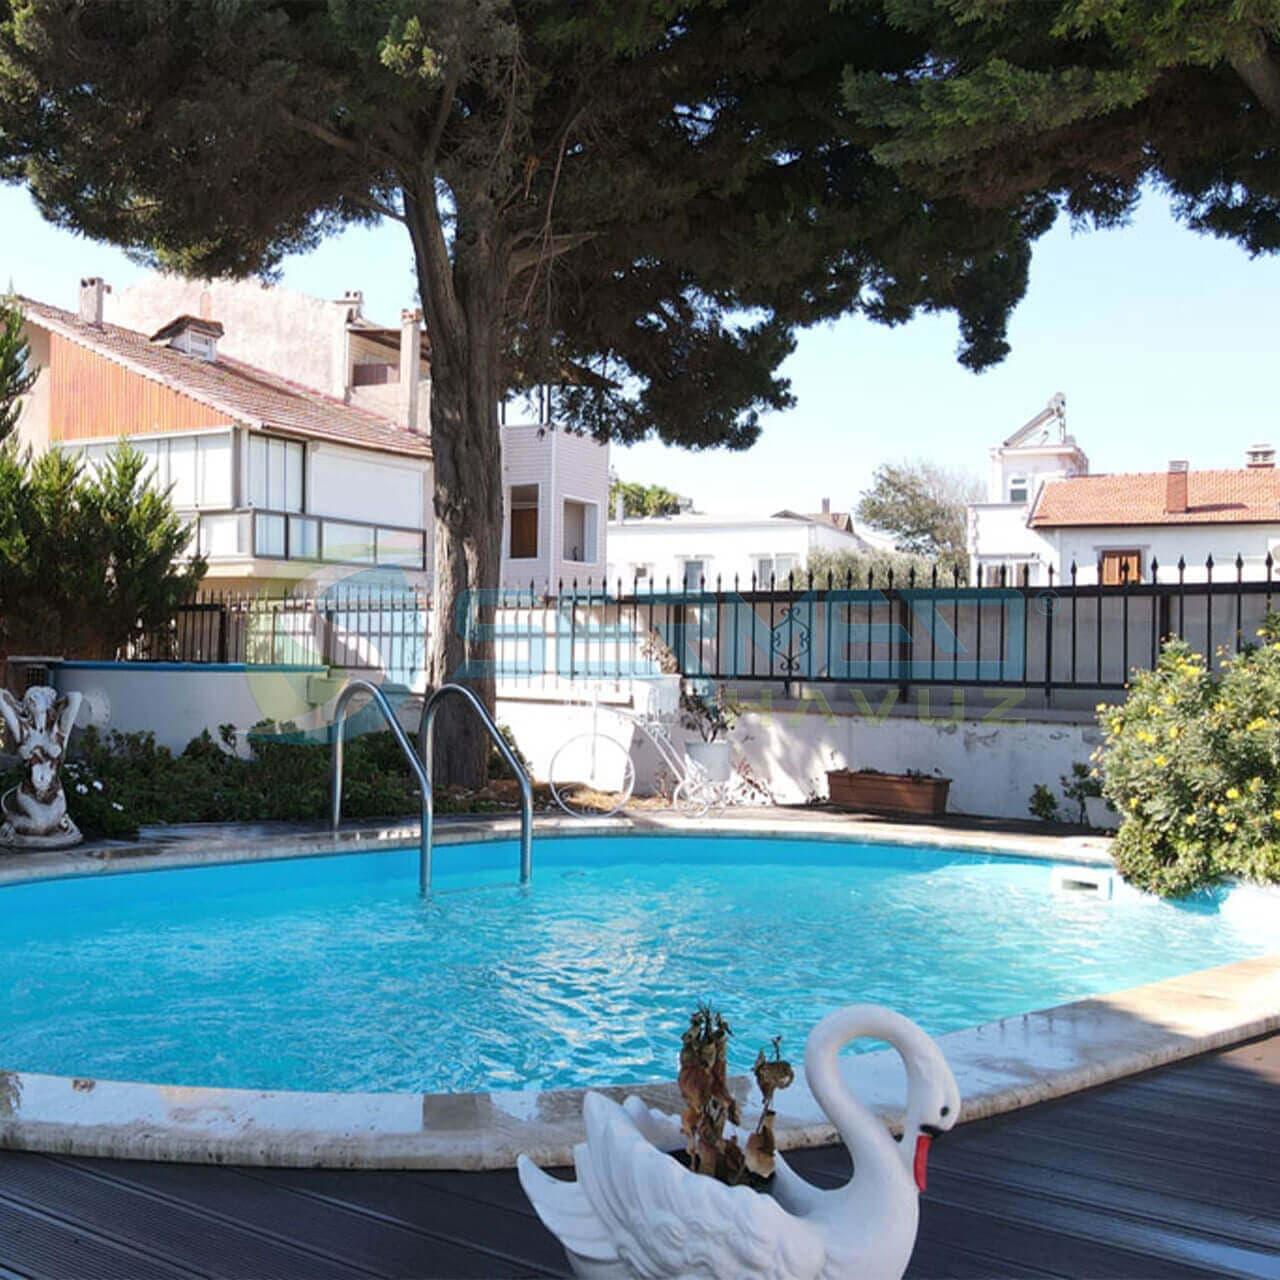 İzmir Maldiv Kids Club (Çocuk) Prefabrik Havuz Sermed Havuz Firması tarafından yapıldı.